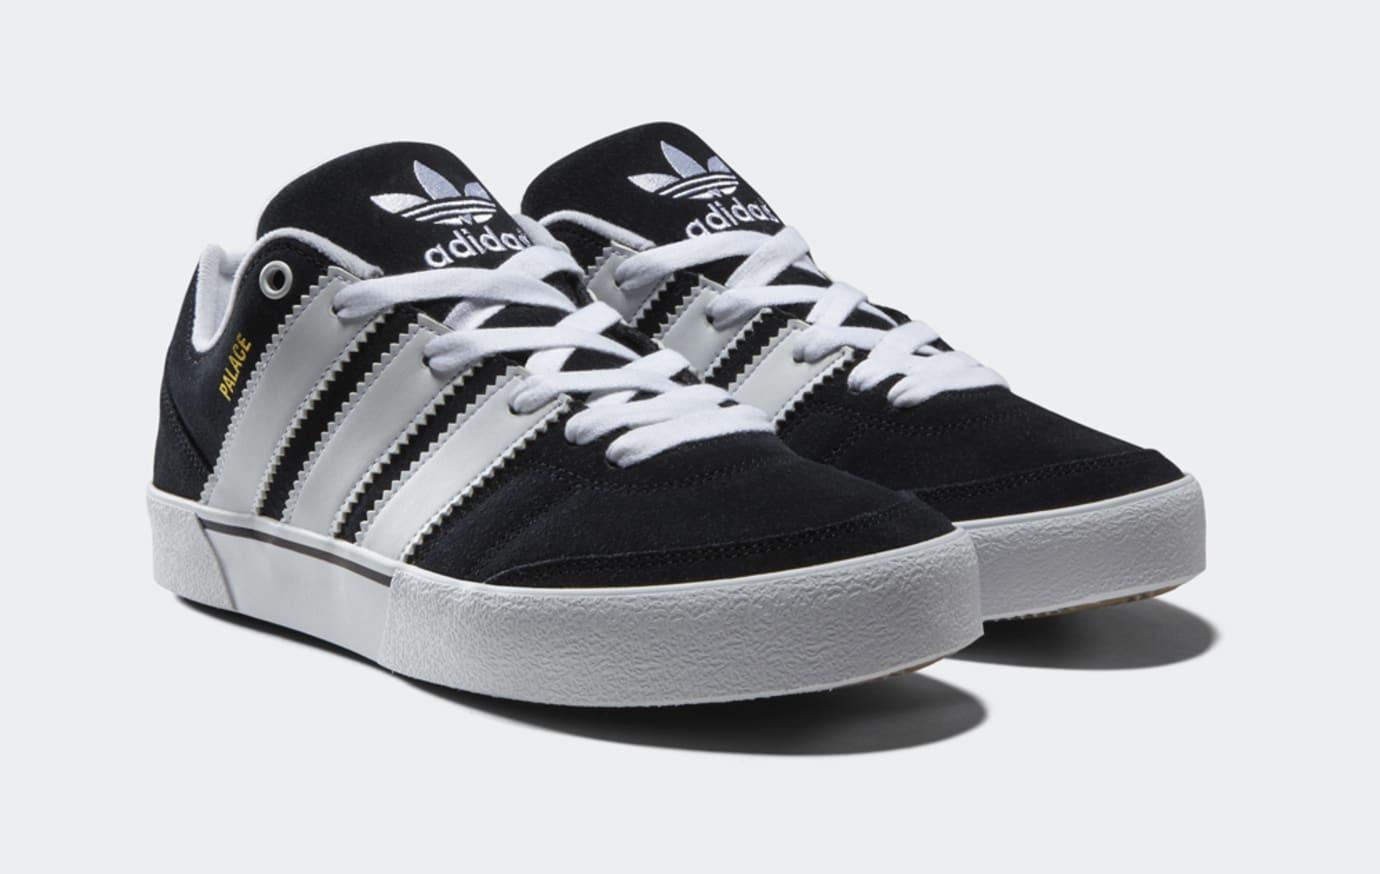 Palace Adidas Oreardon 3